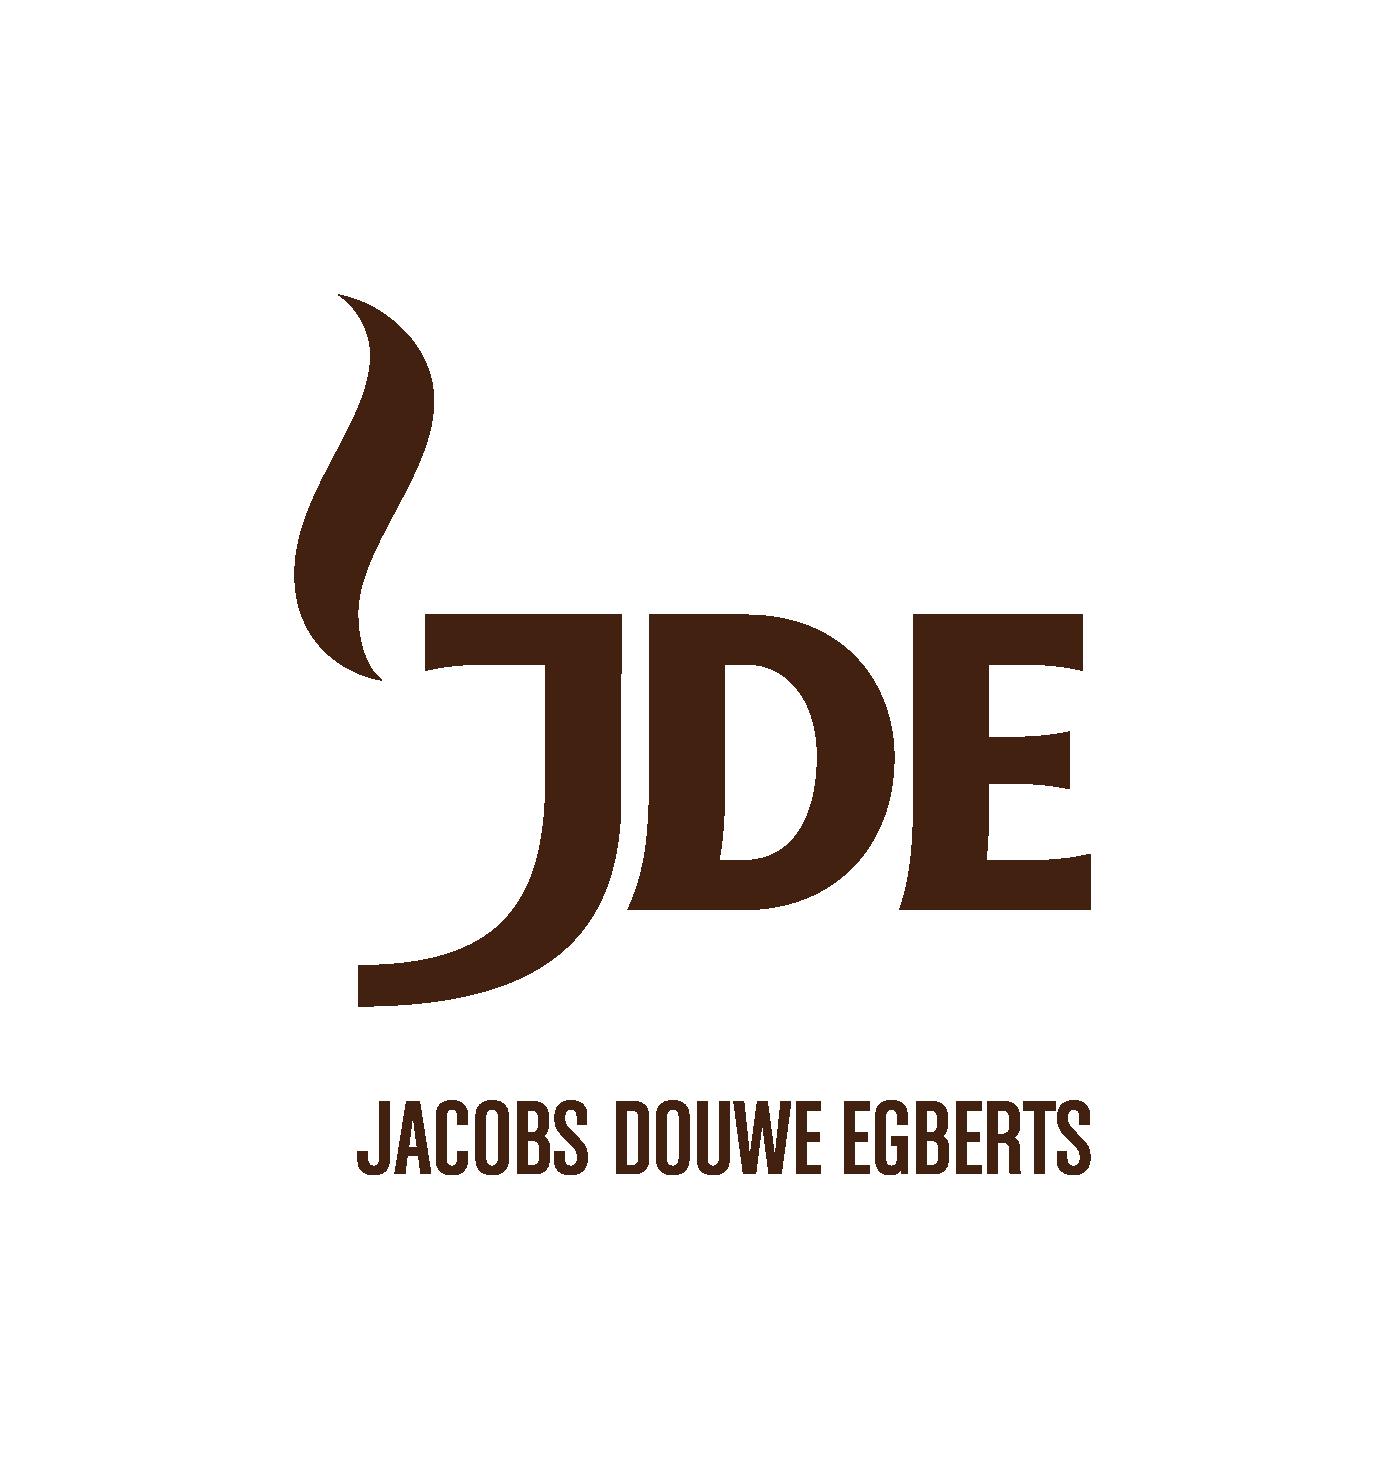 JDE_MARK_AND_NAME_POS_RGB.PNG